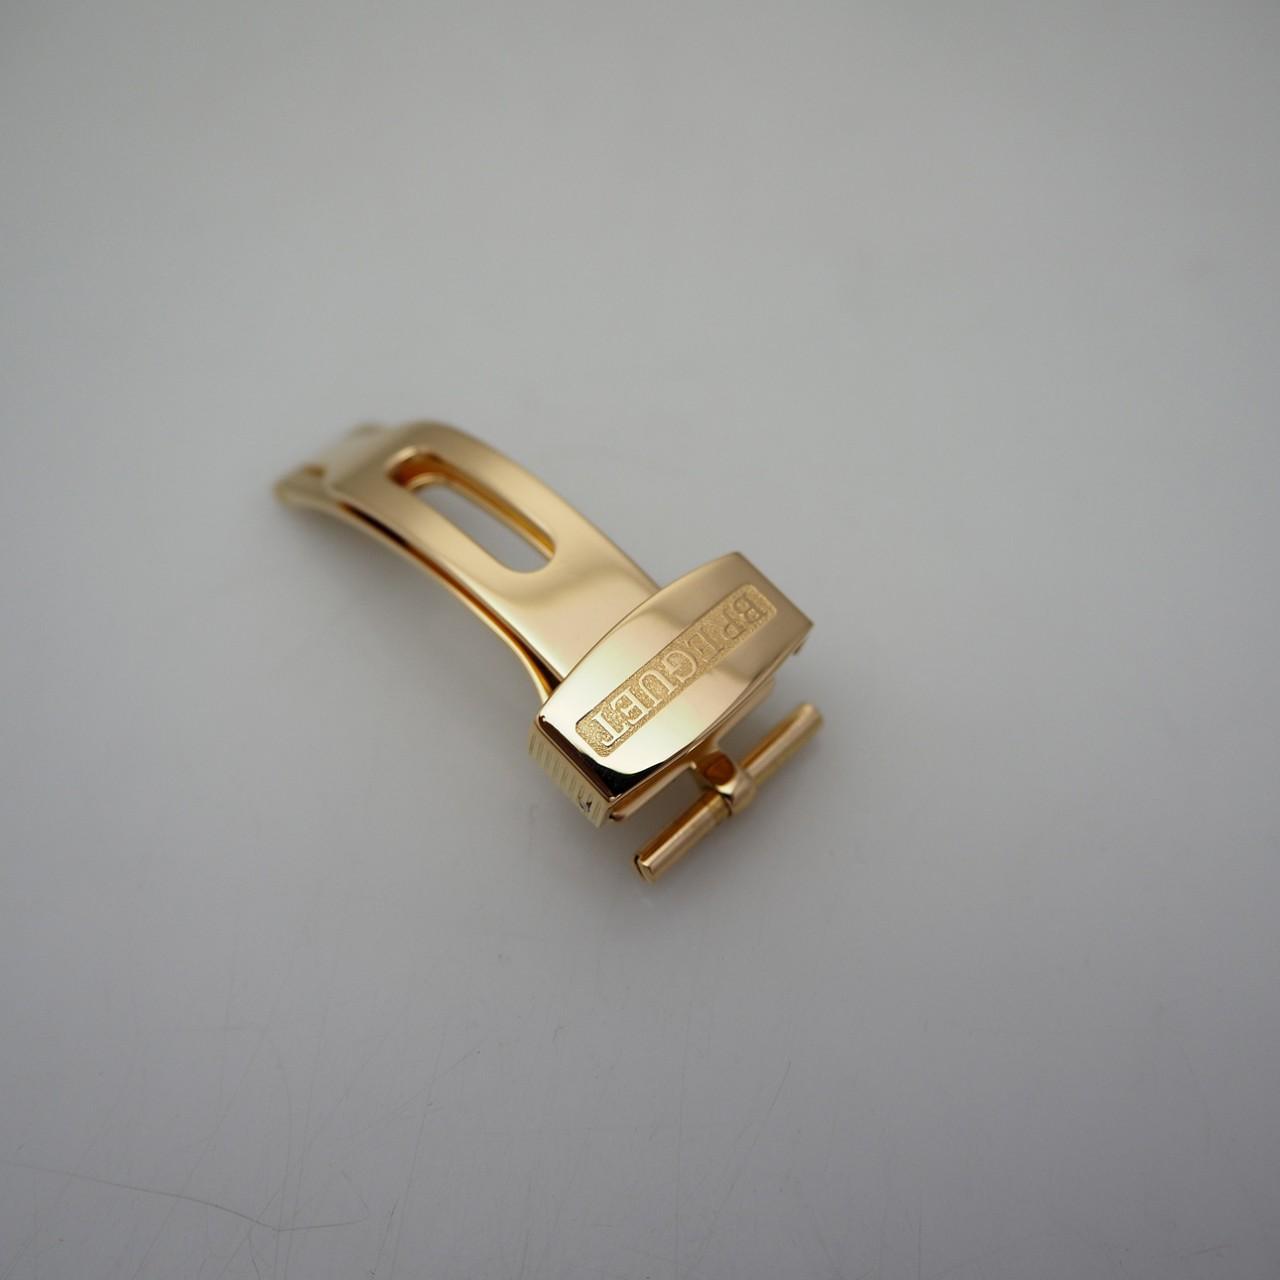 Breguet Faltschließe 16mm, Gold 18k/750